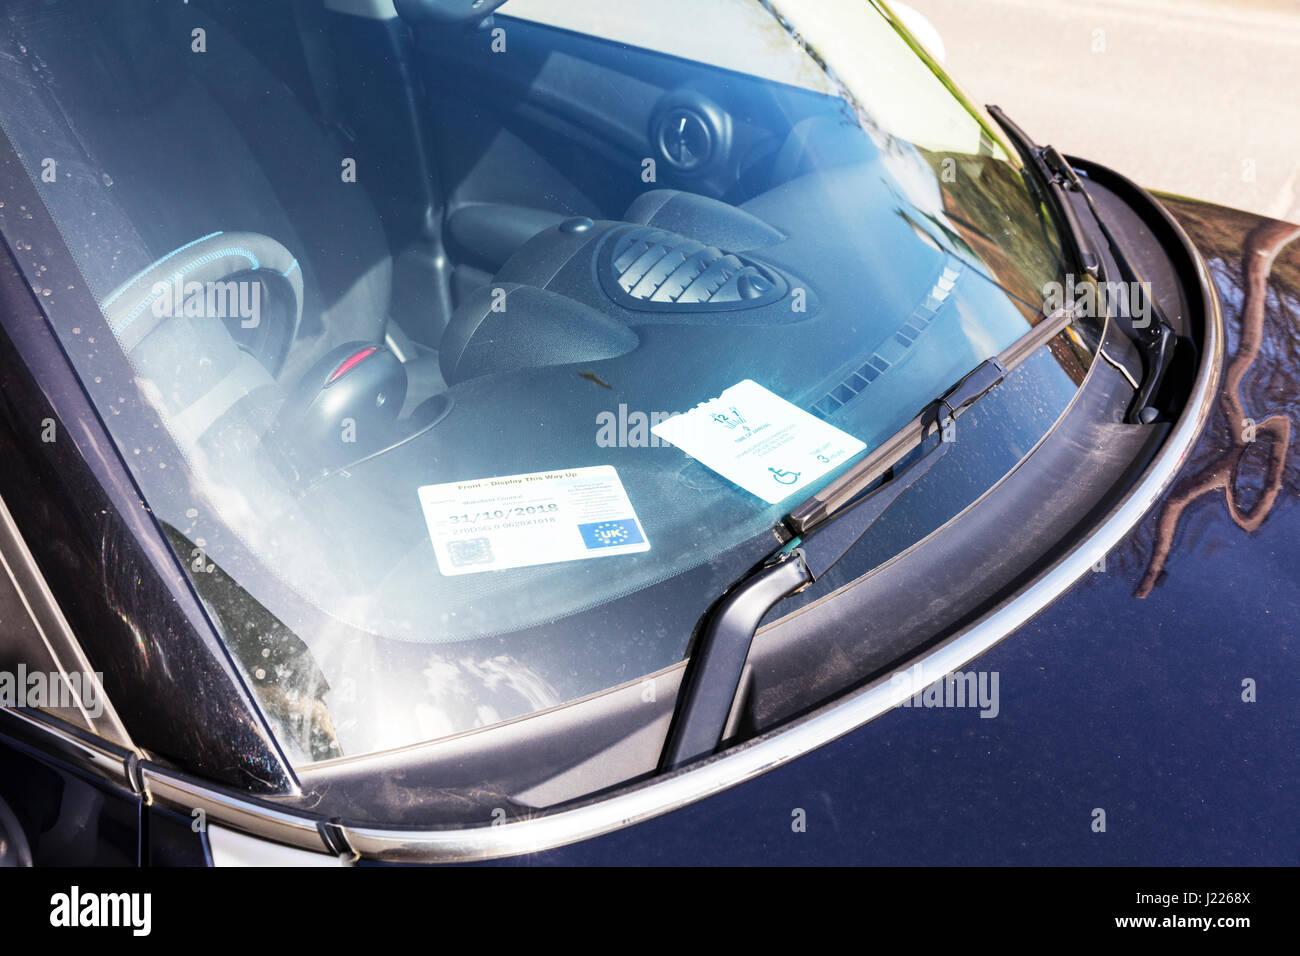 Parcheggio disabili badge nella finestra auto parcheggio auto gratuito spazio per i possessori di badge REGNO UNITO Immagini Stock